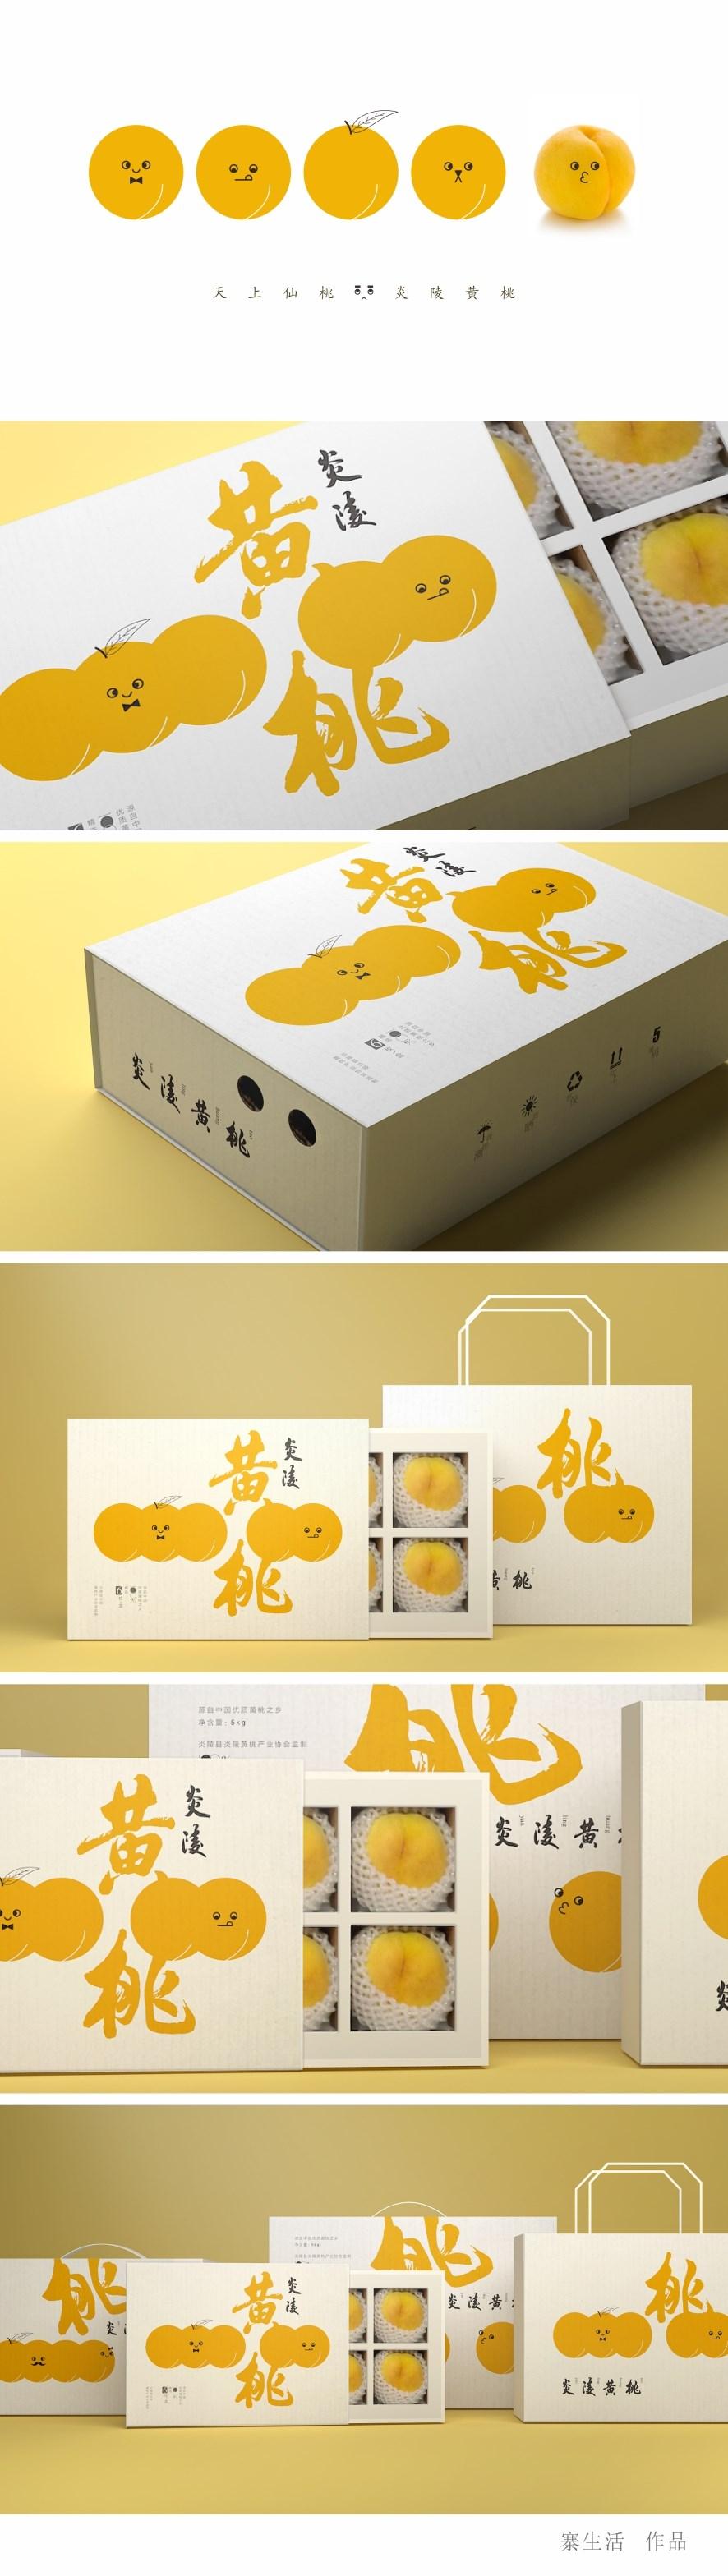 黄桃包装设计.jpeg